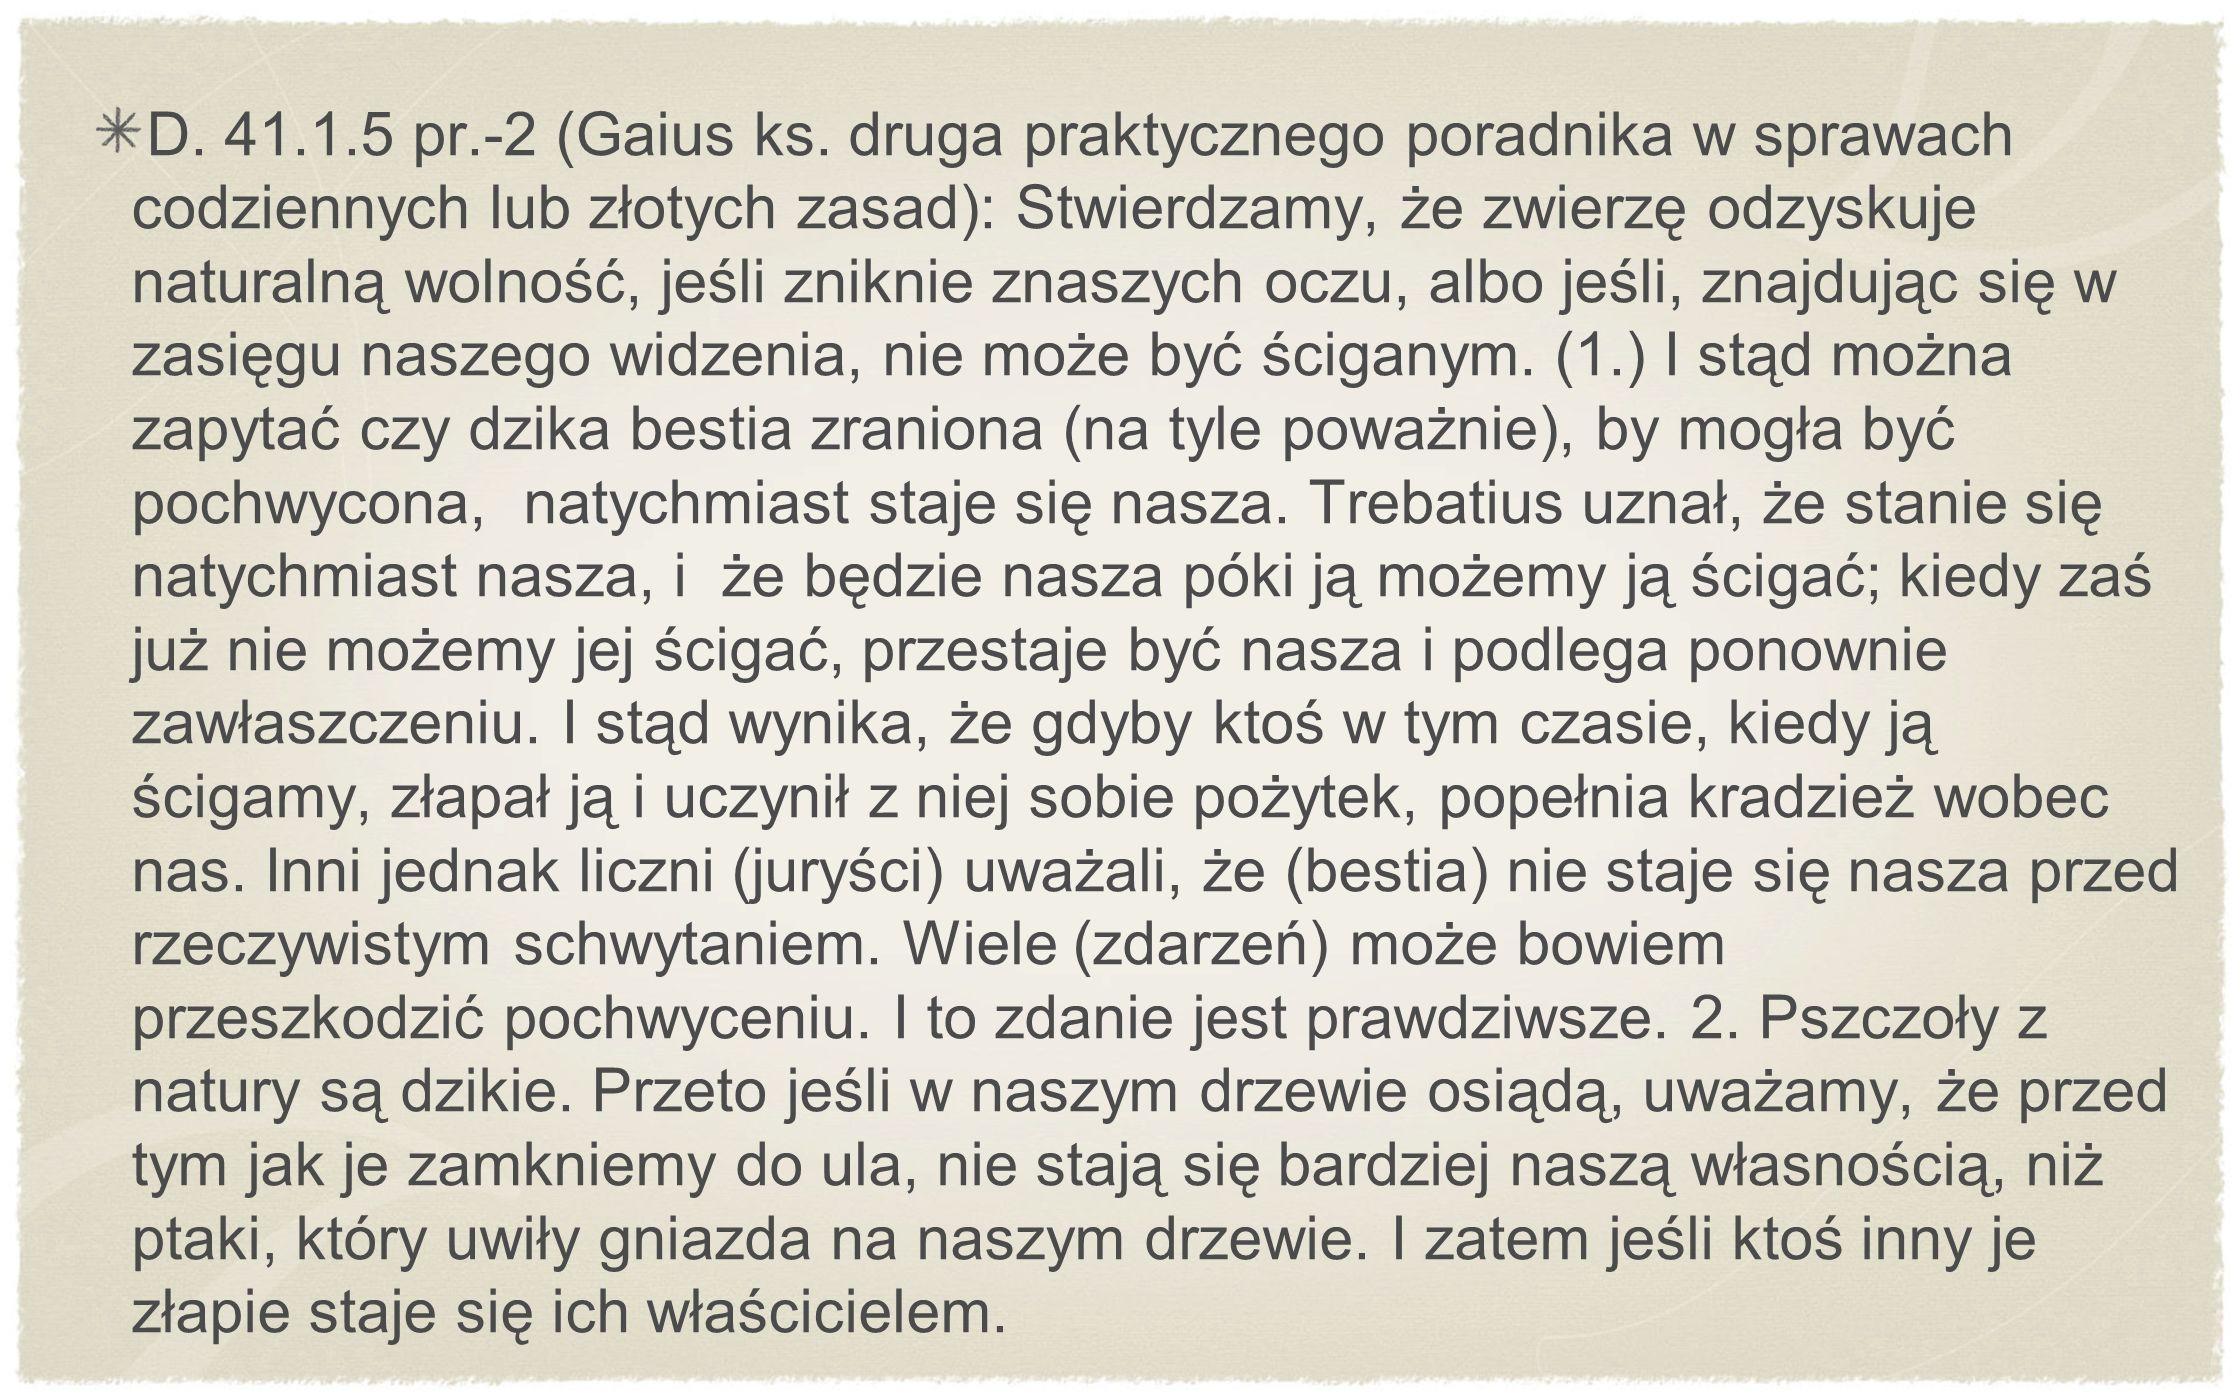 D. 41.1.5 pr.-2 (Gaius ks.